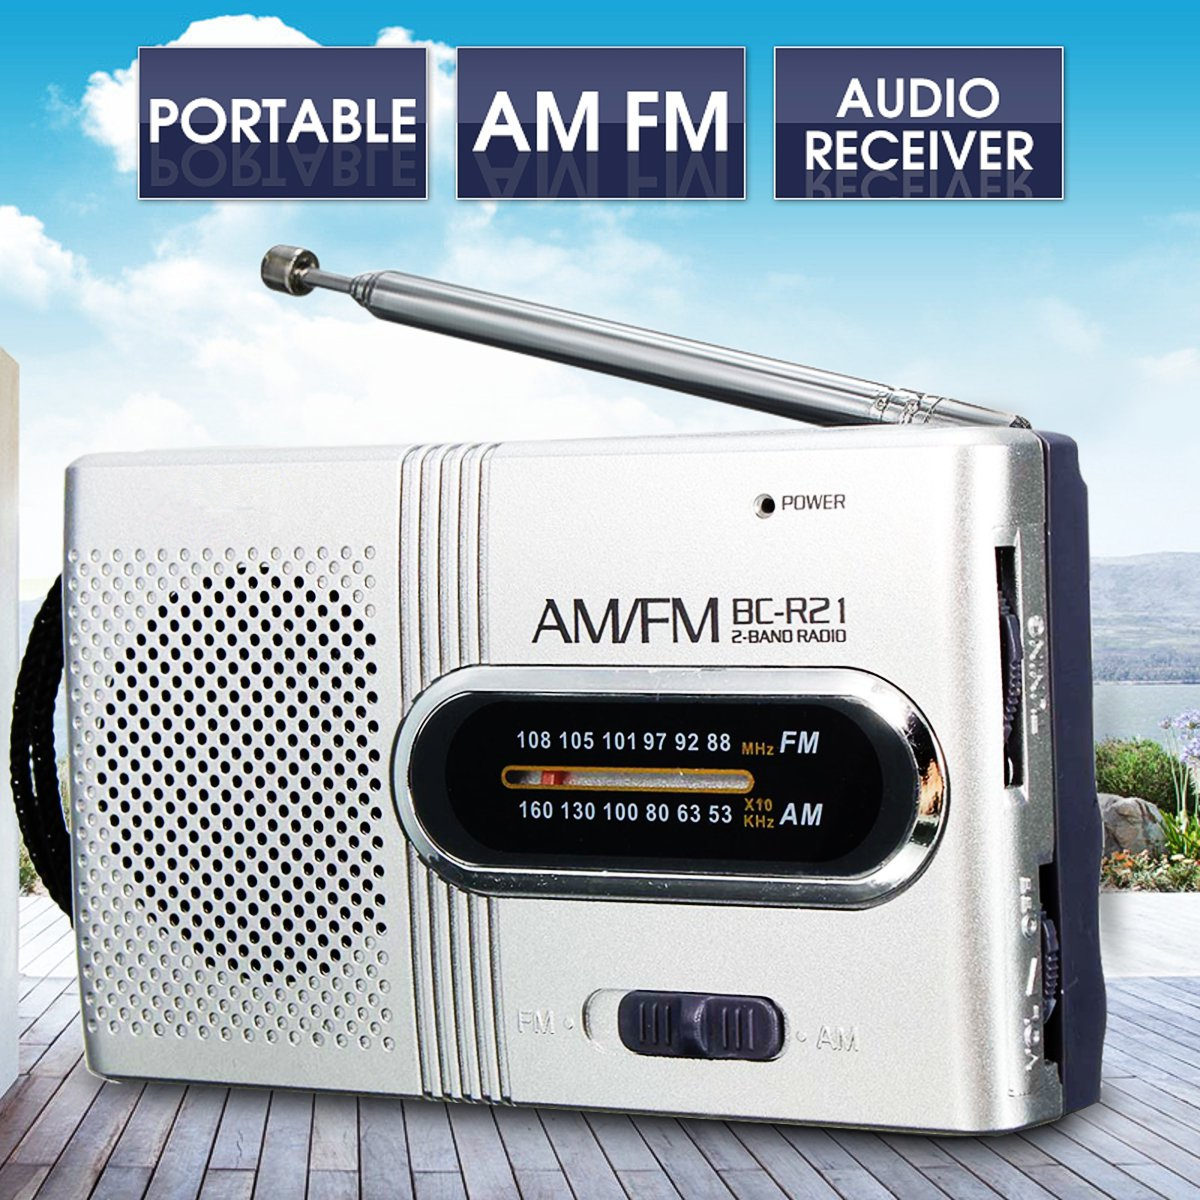 Silber Mini Tragbare Am/fm Teleskop Antenne Radio Welt Empfänger Kleine Mp3 Lautsprecher 3,5mm Mini Slim Stereo Radios Unterhaltungselektronik